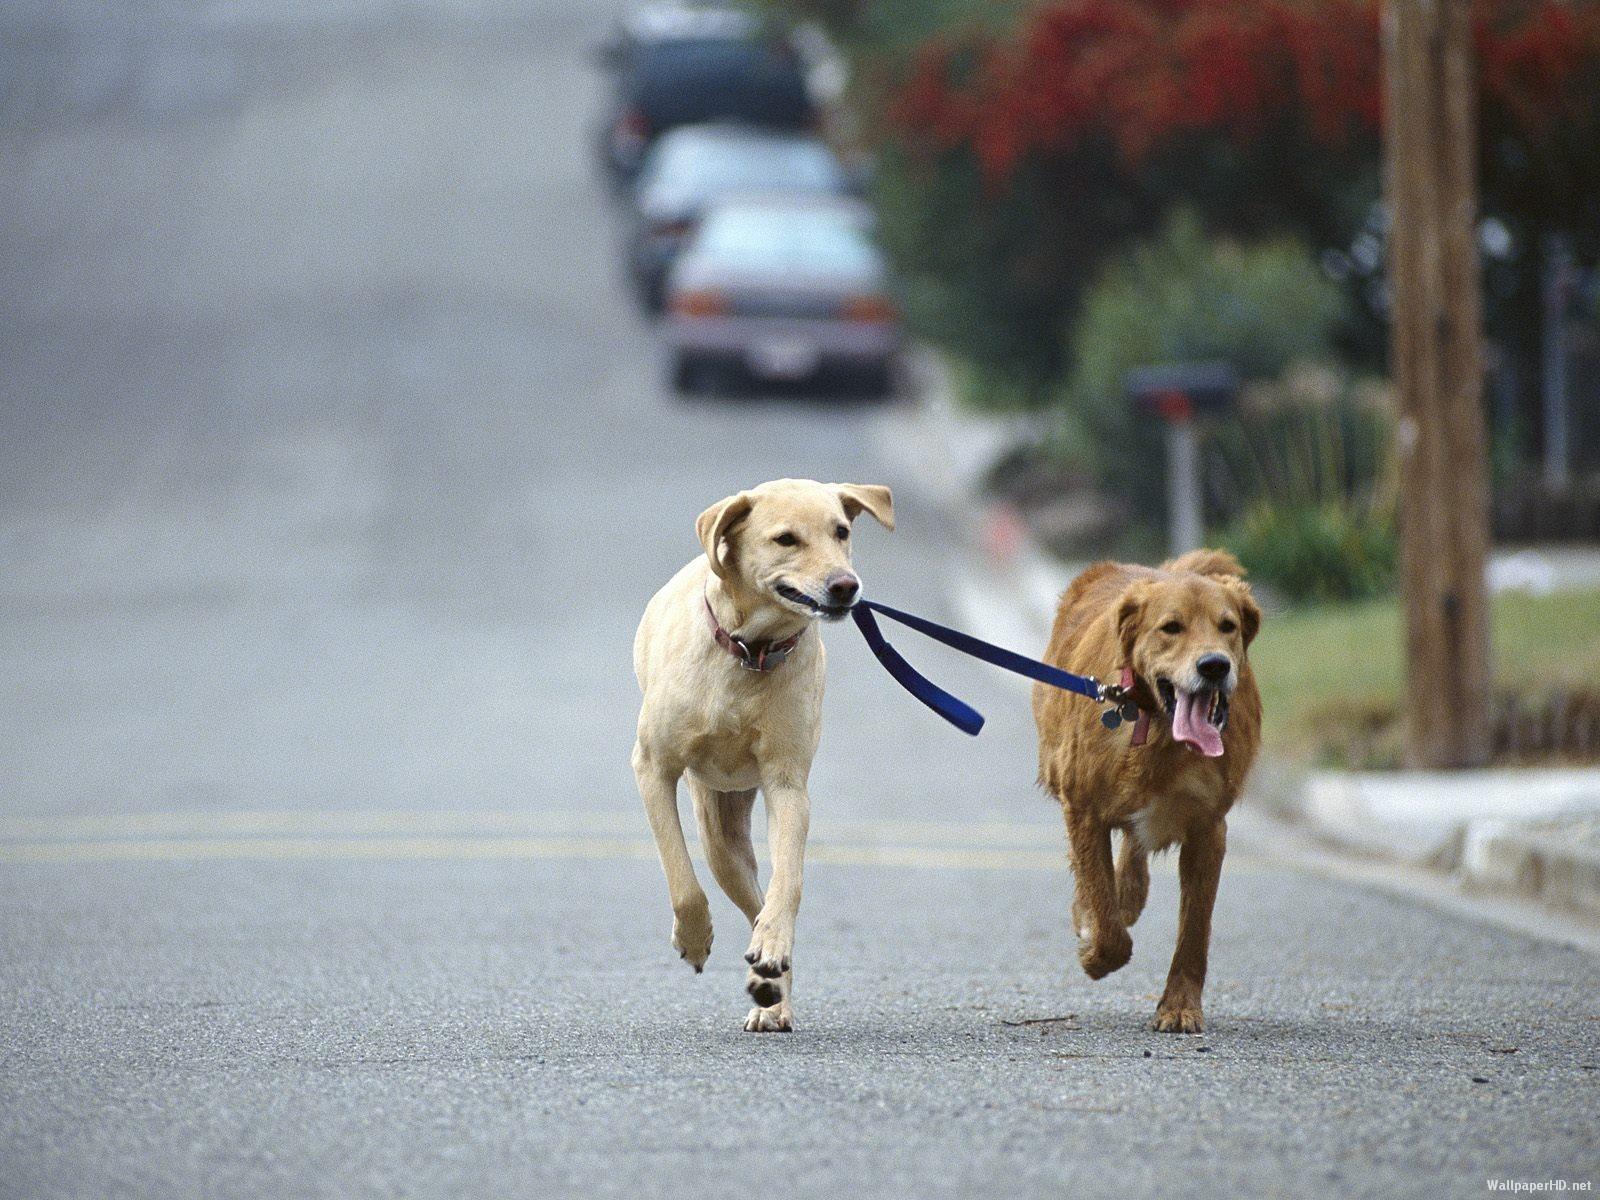 Correr con perros recomendaciones baltasar Nuozzi veterinario locos por correr 01